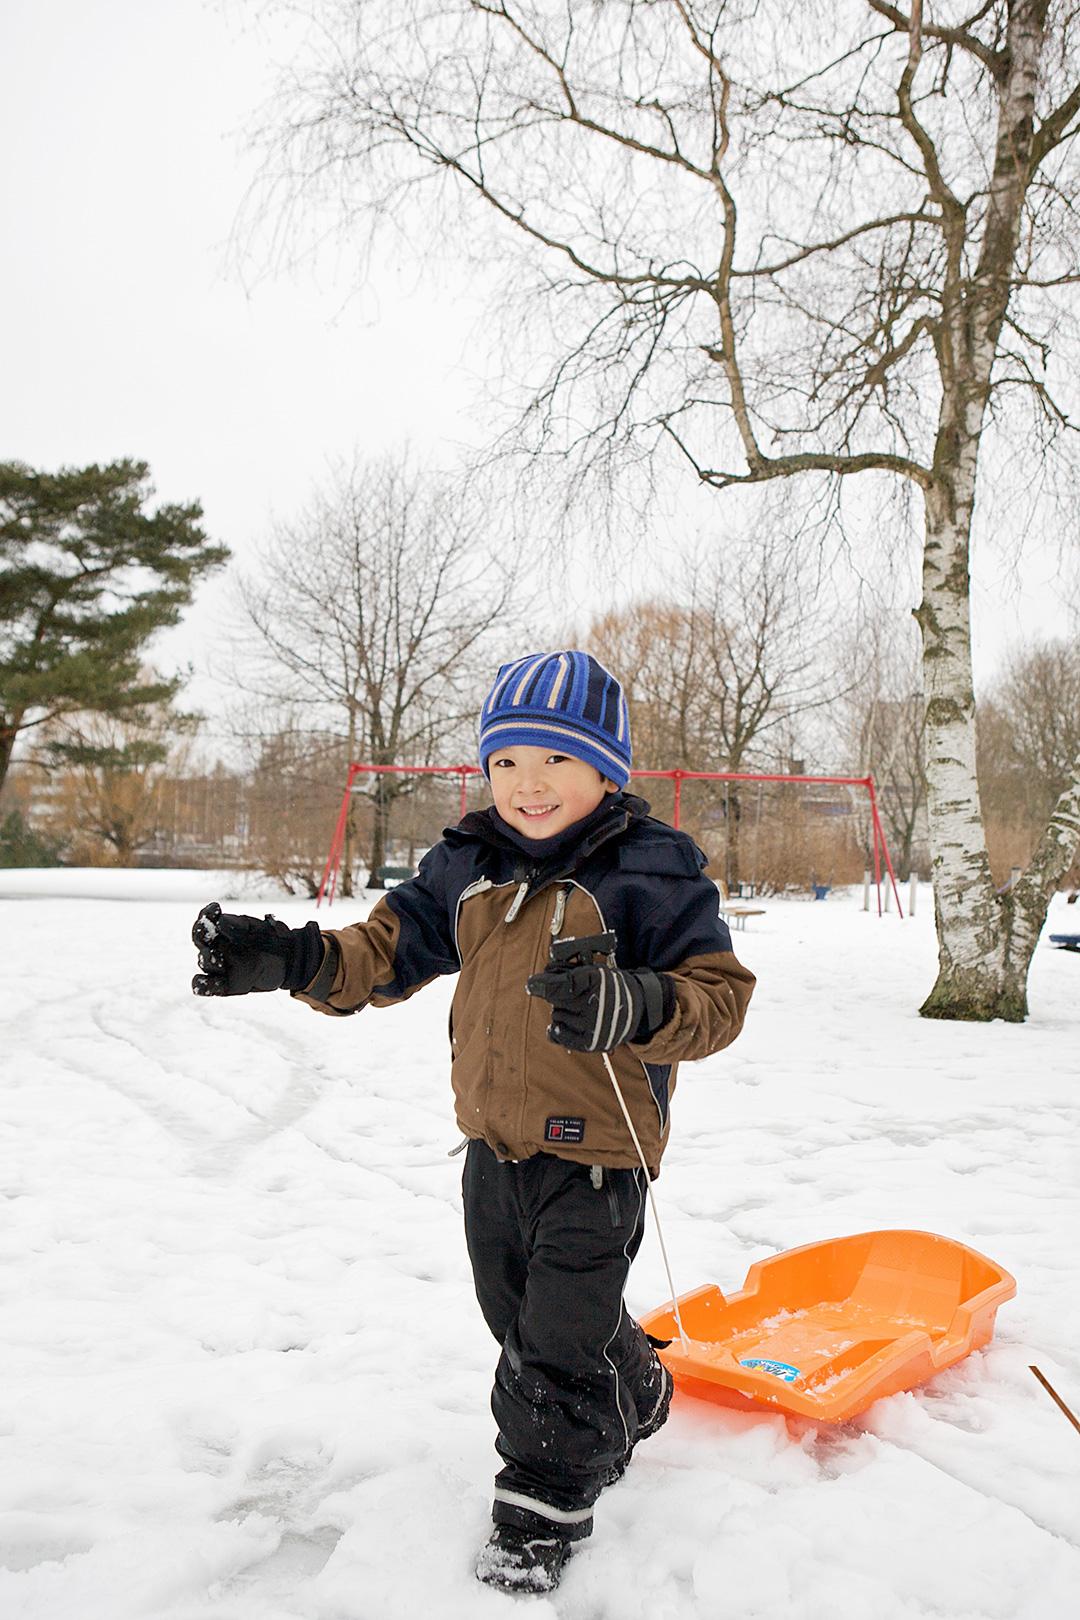 雪の中、公園でそり遊び スウェーデン